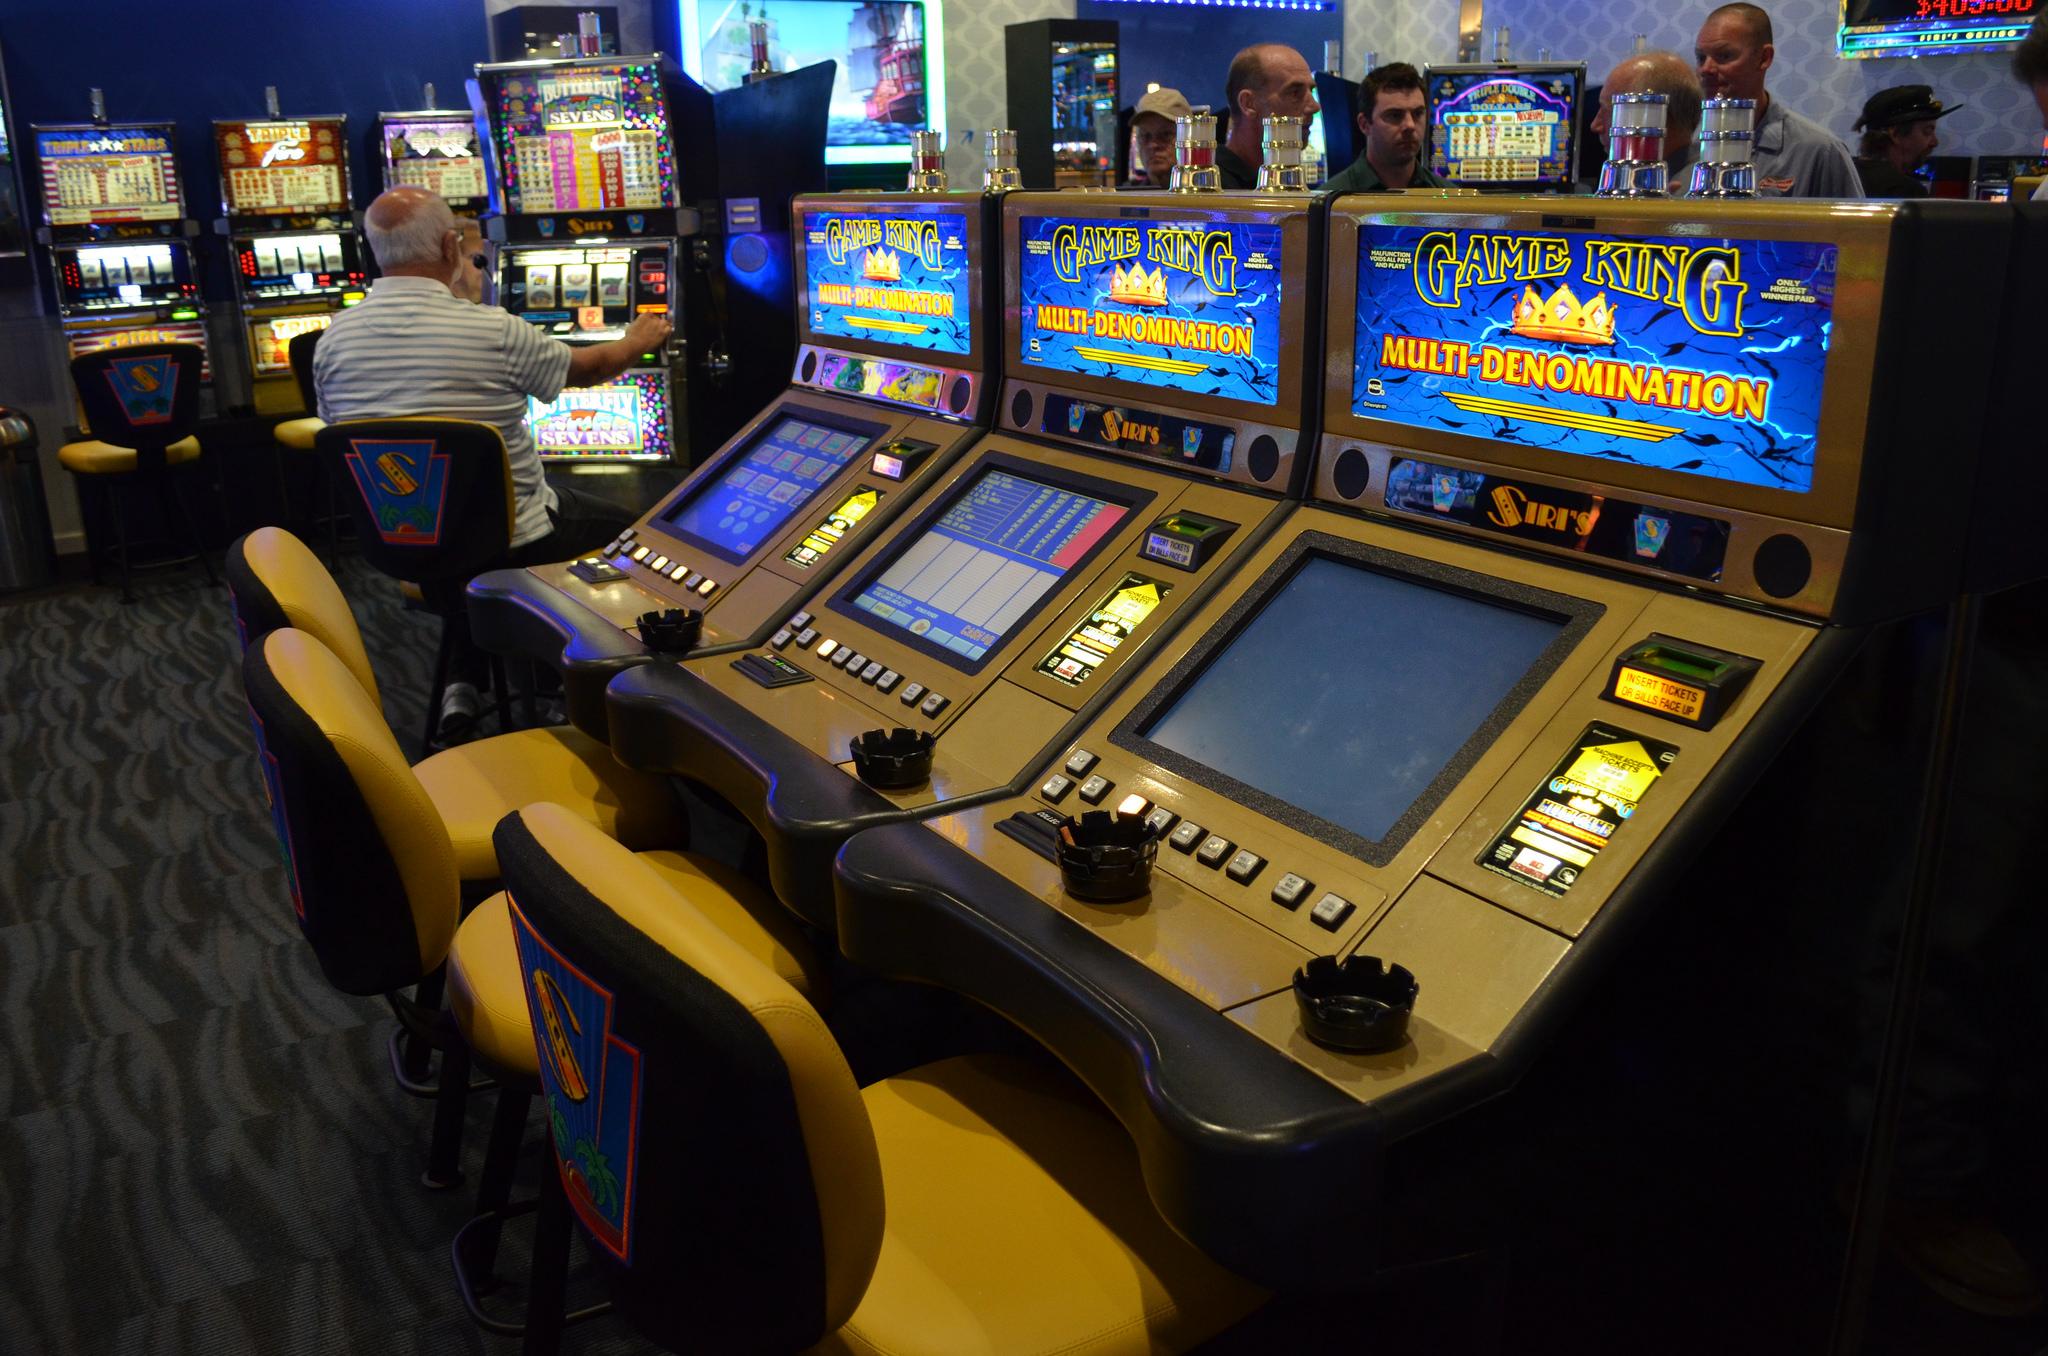 Siri s casino starcraft 2 save games